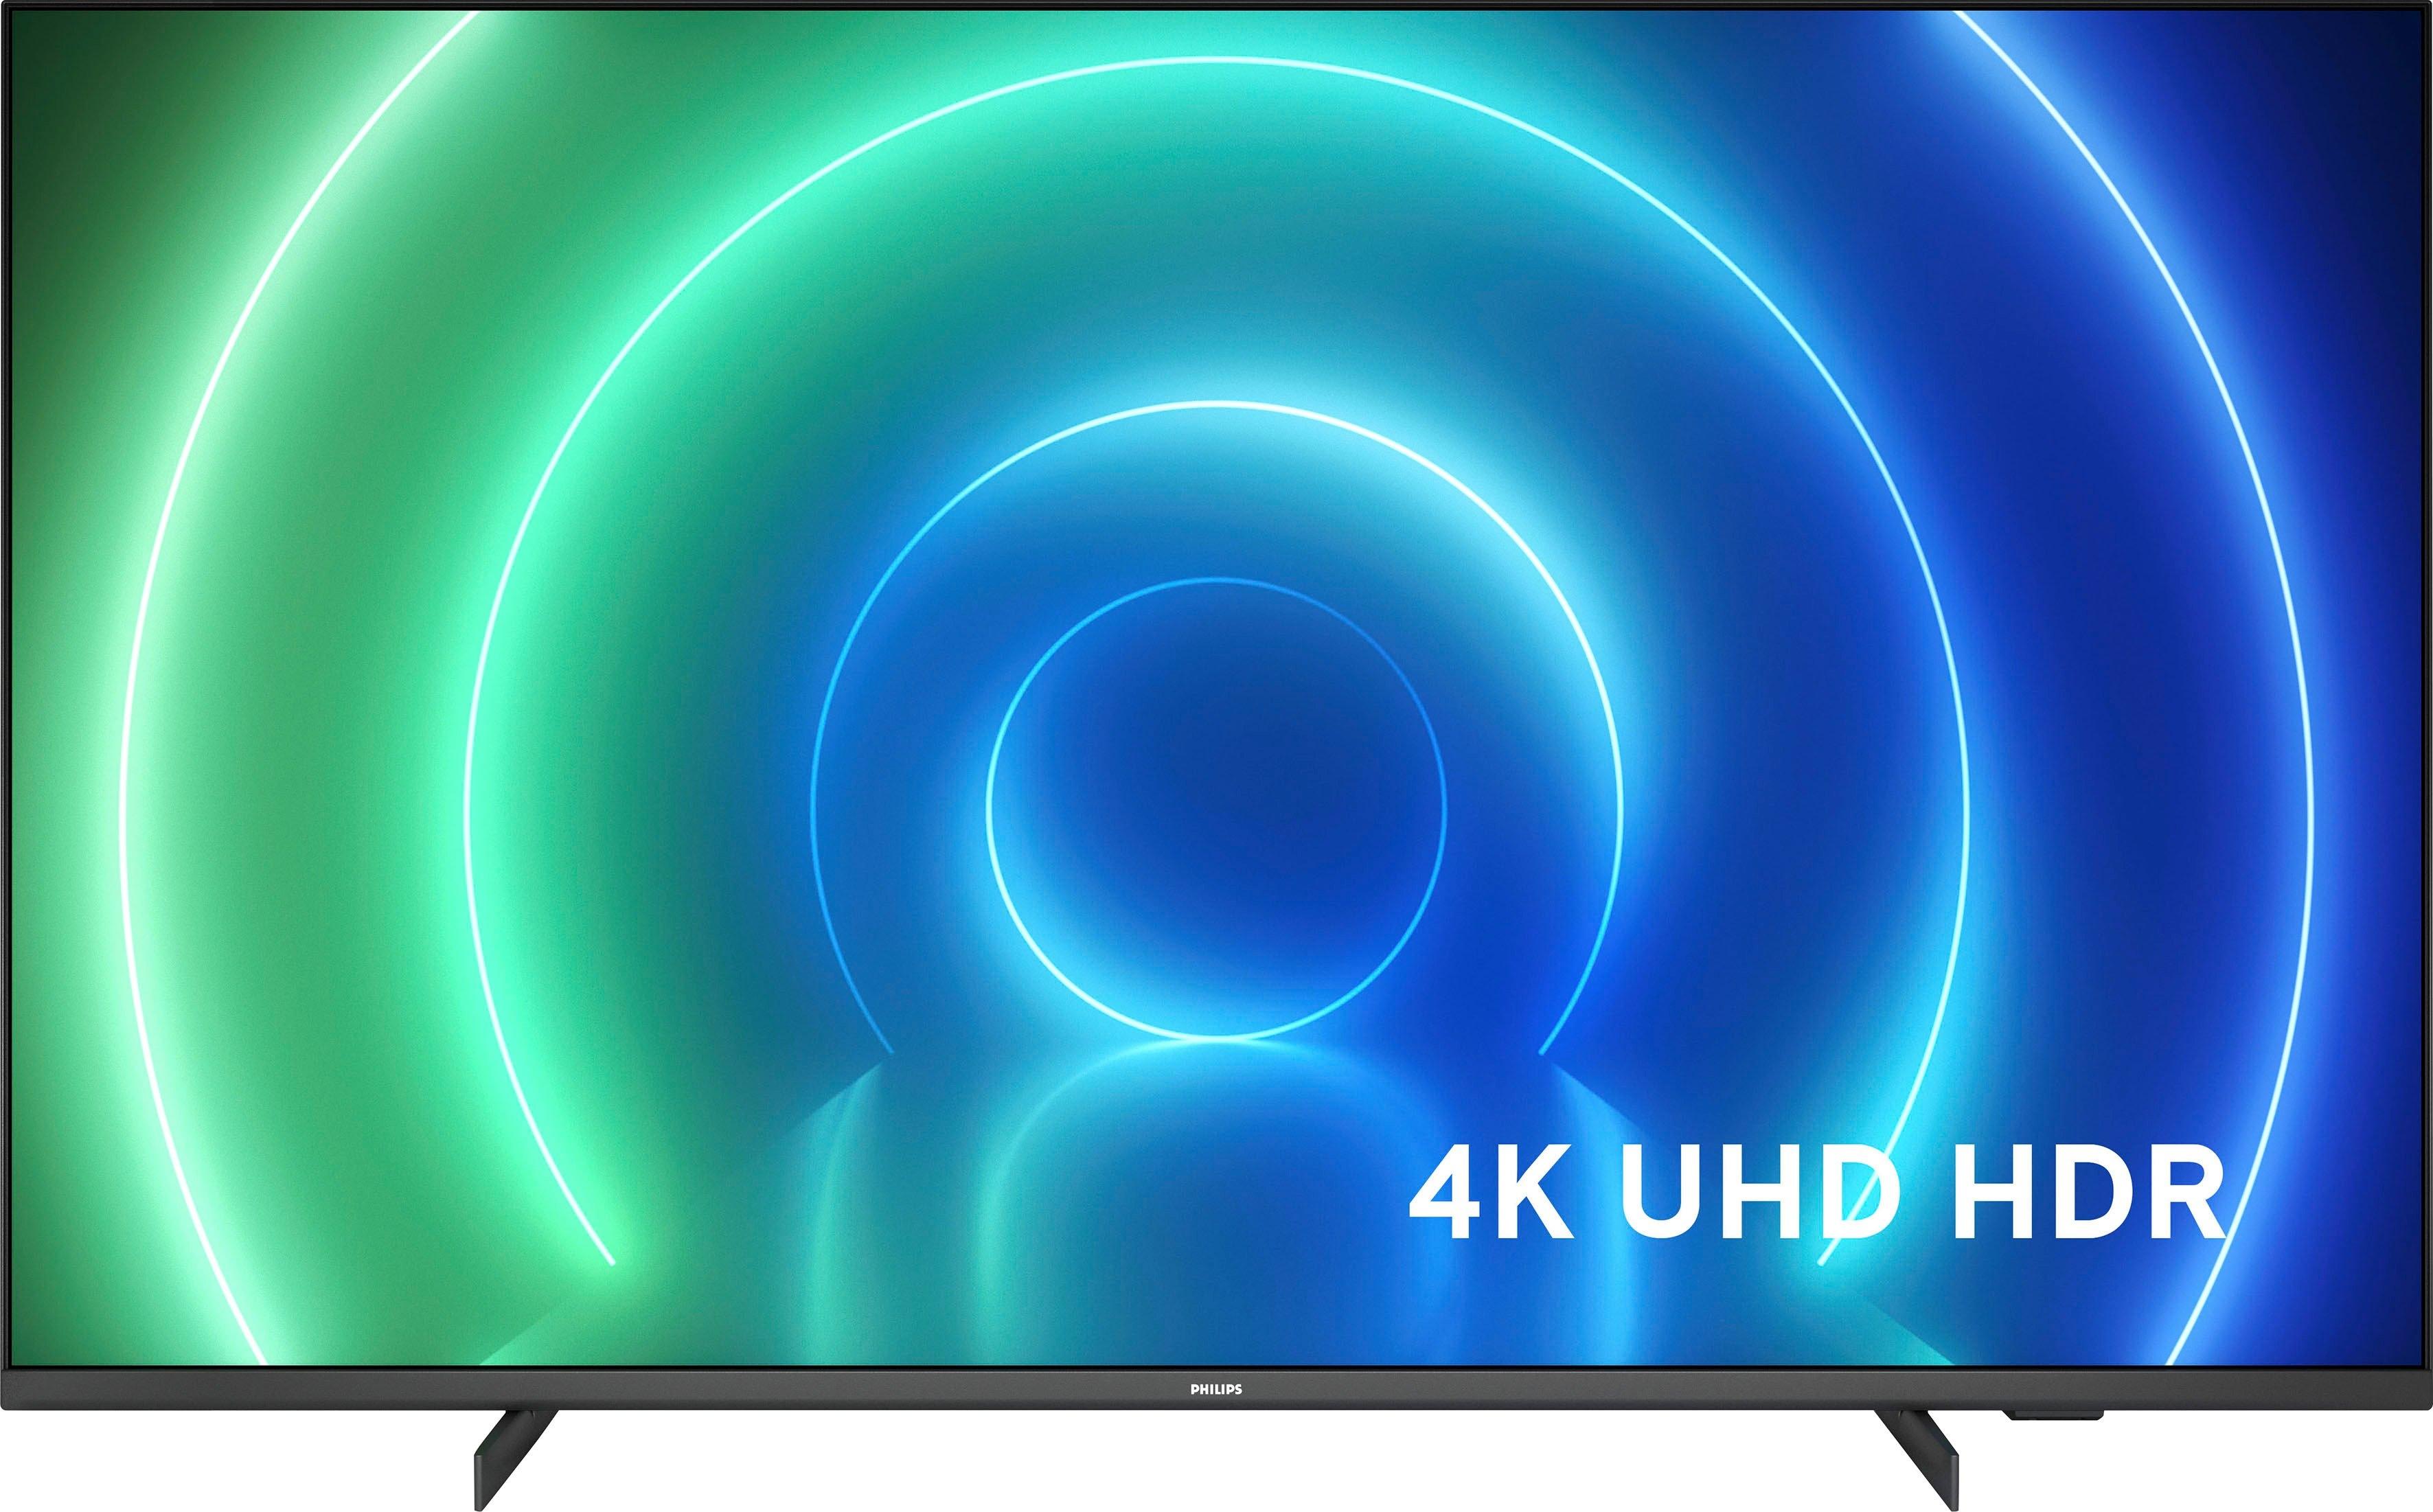 Philips led-TV 50PUS7506/12, 126 cm / 50